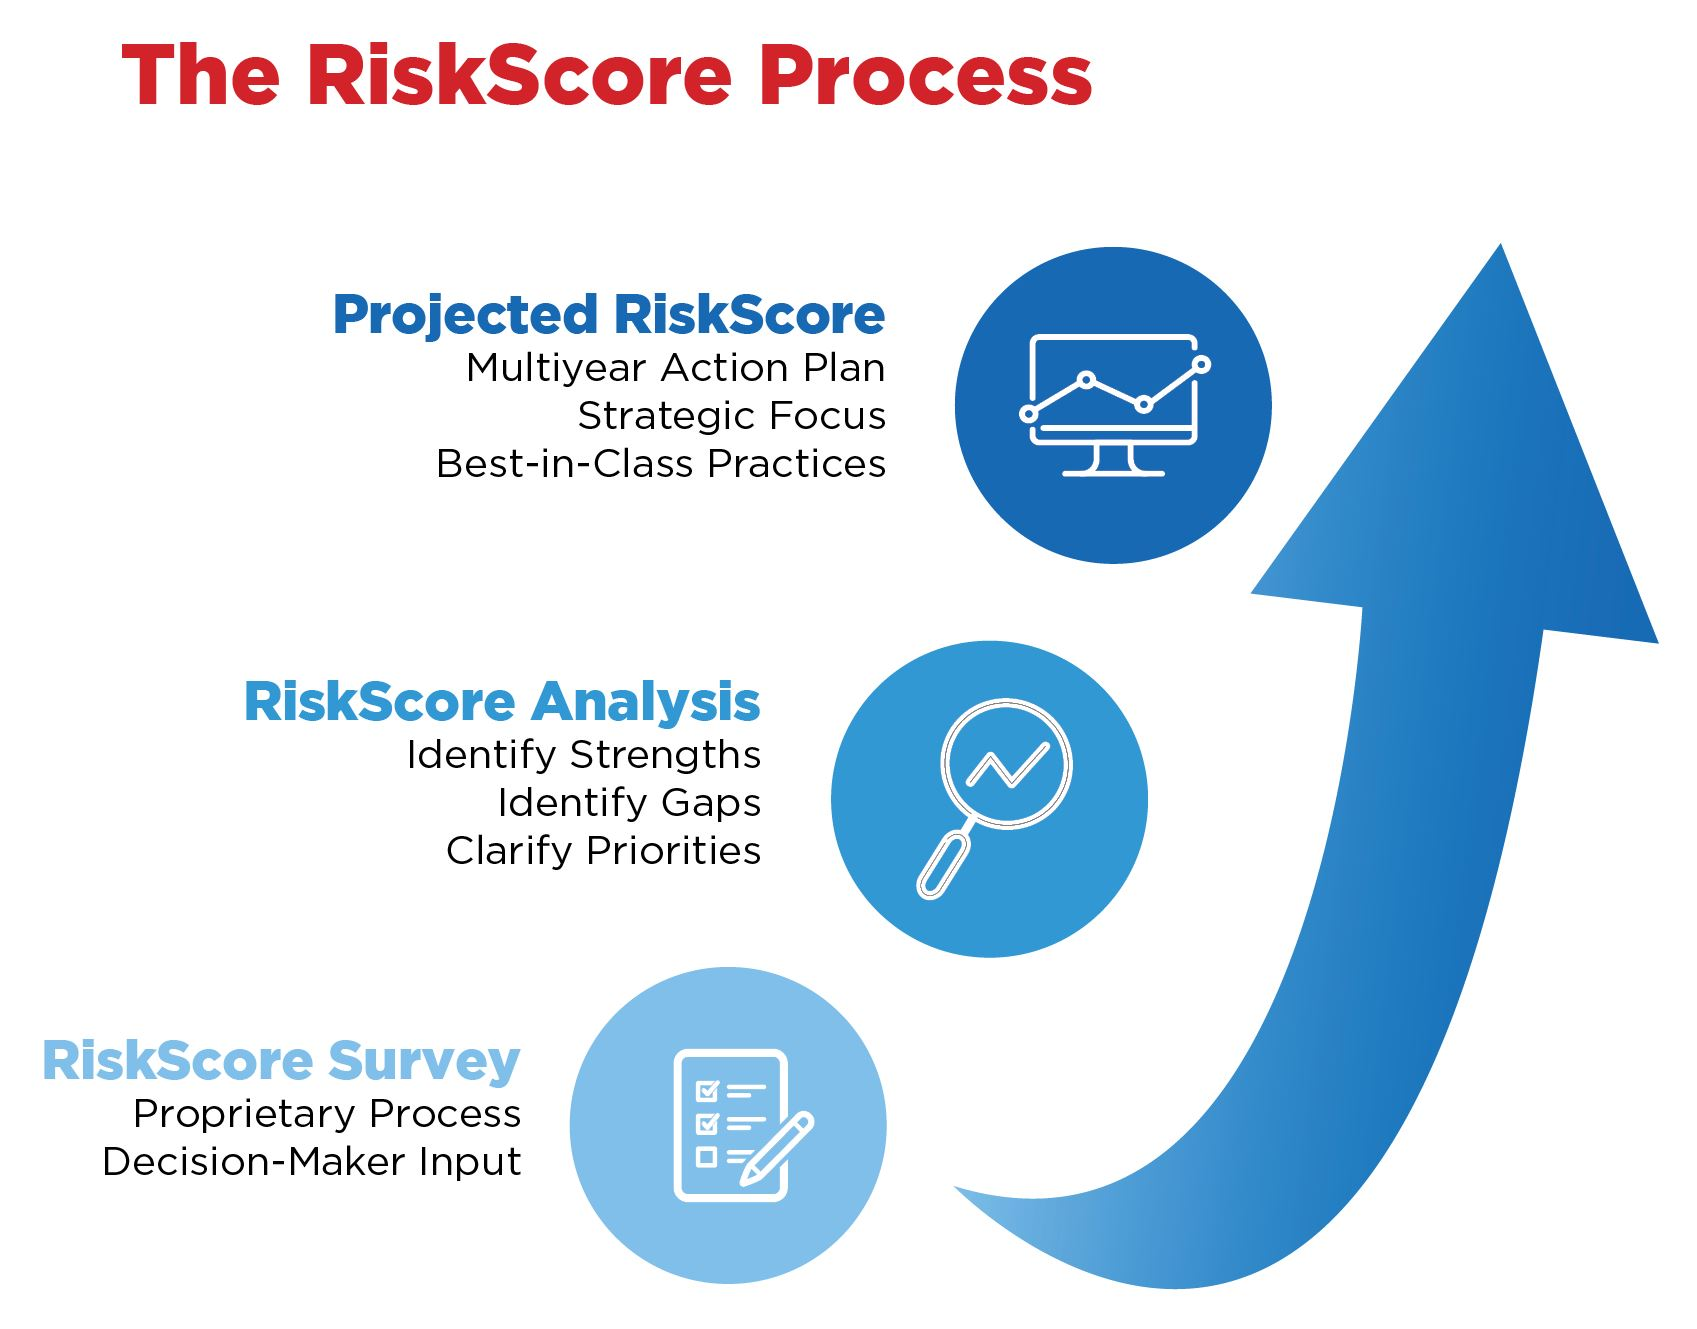 RiskScore Process